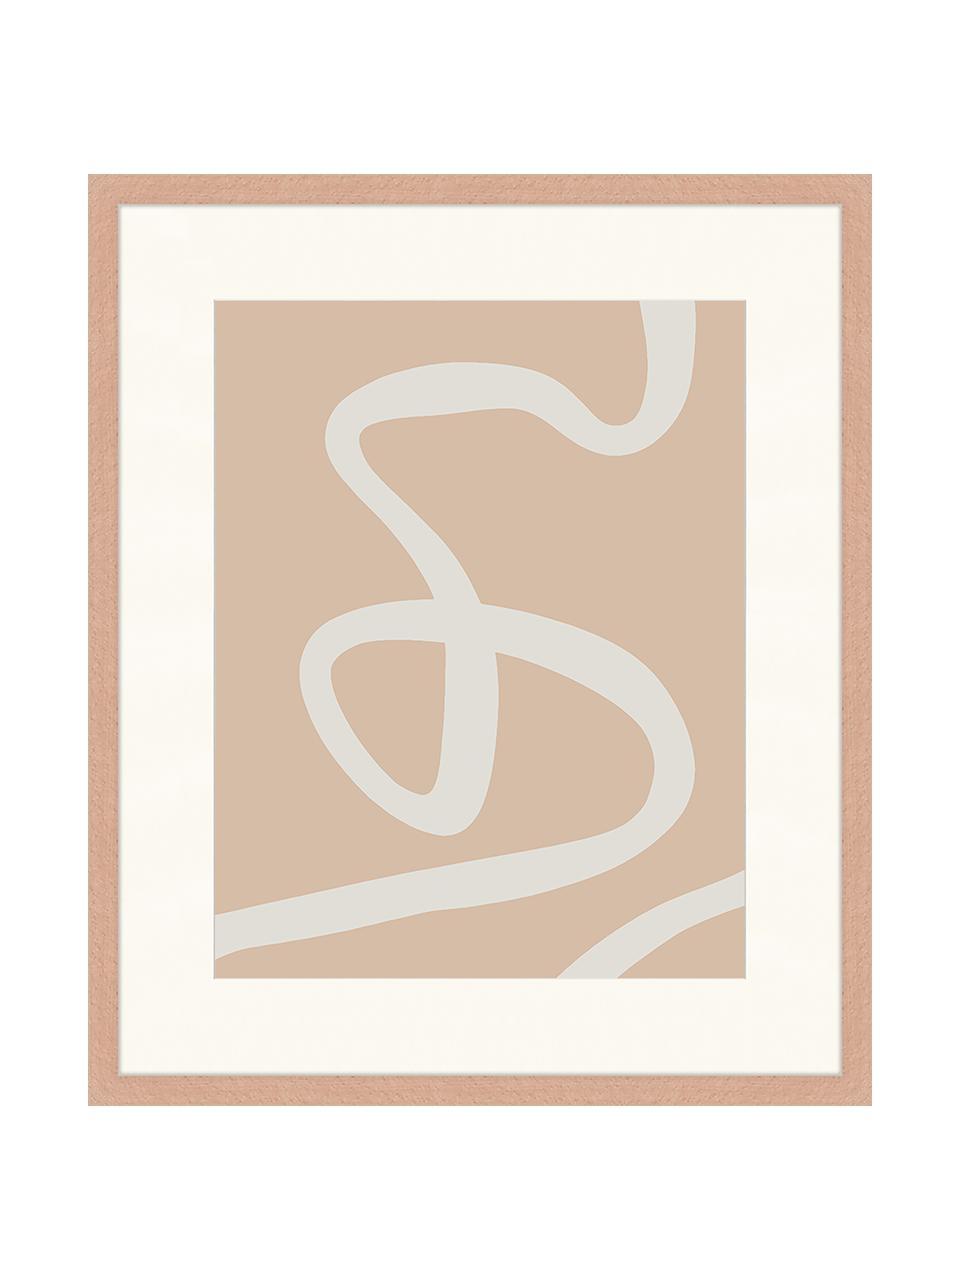 Gerahmter Digitaldruck Abstract Beige Drawing, Bild: Digitaldruck auf Papier, , Rahmen: Holz, lackiert, Front: Plexiglas, Braun, Weiß, 53 x 63 cm